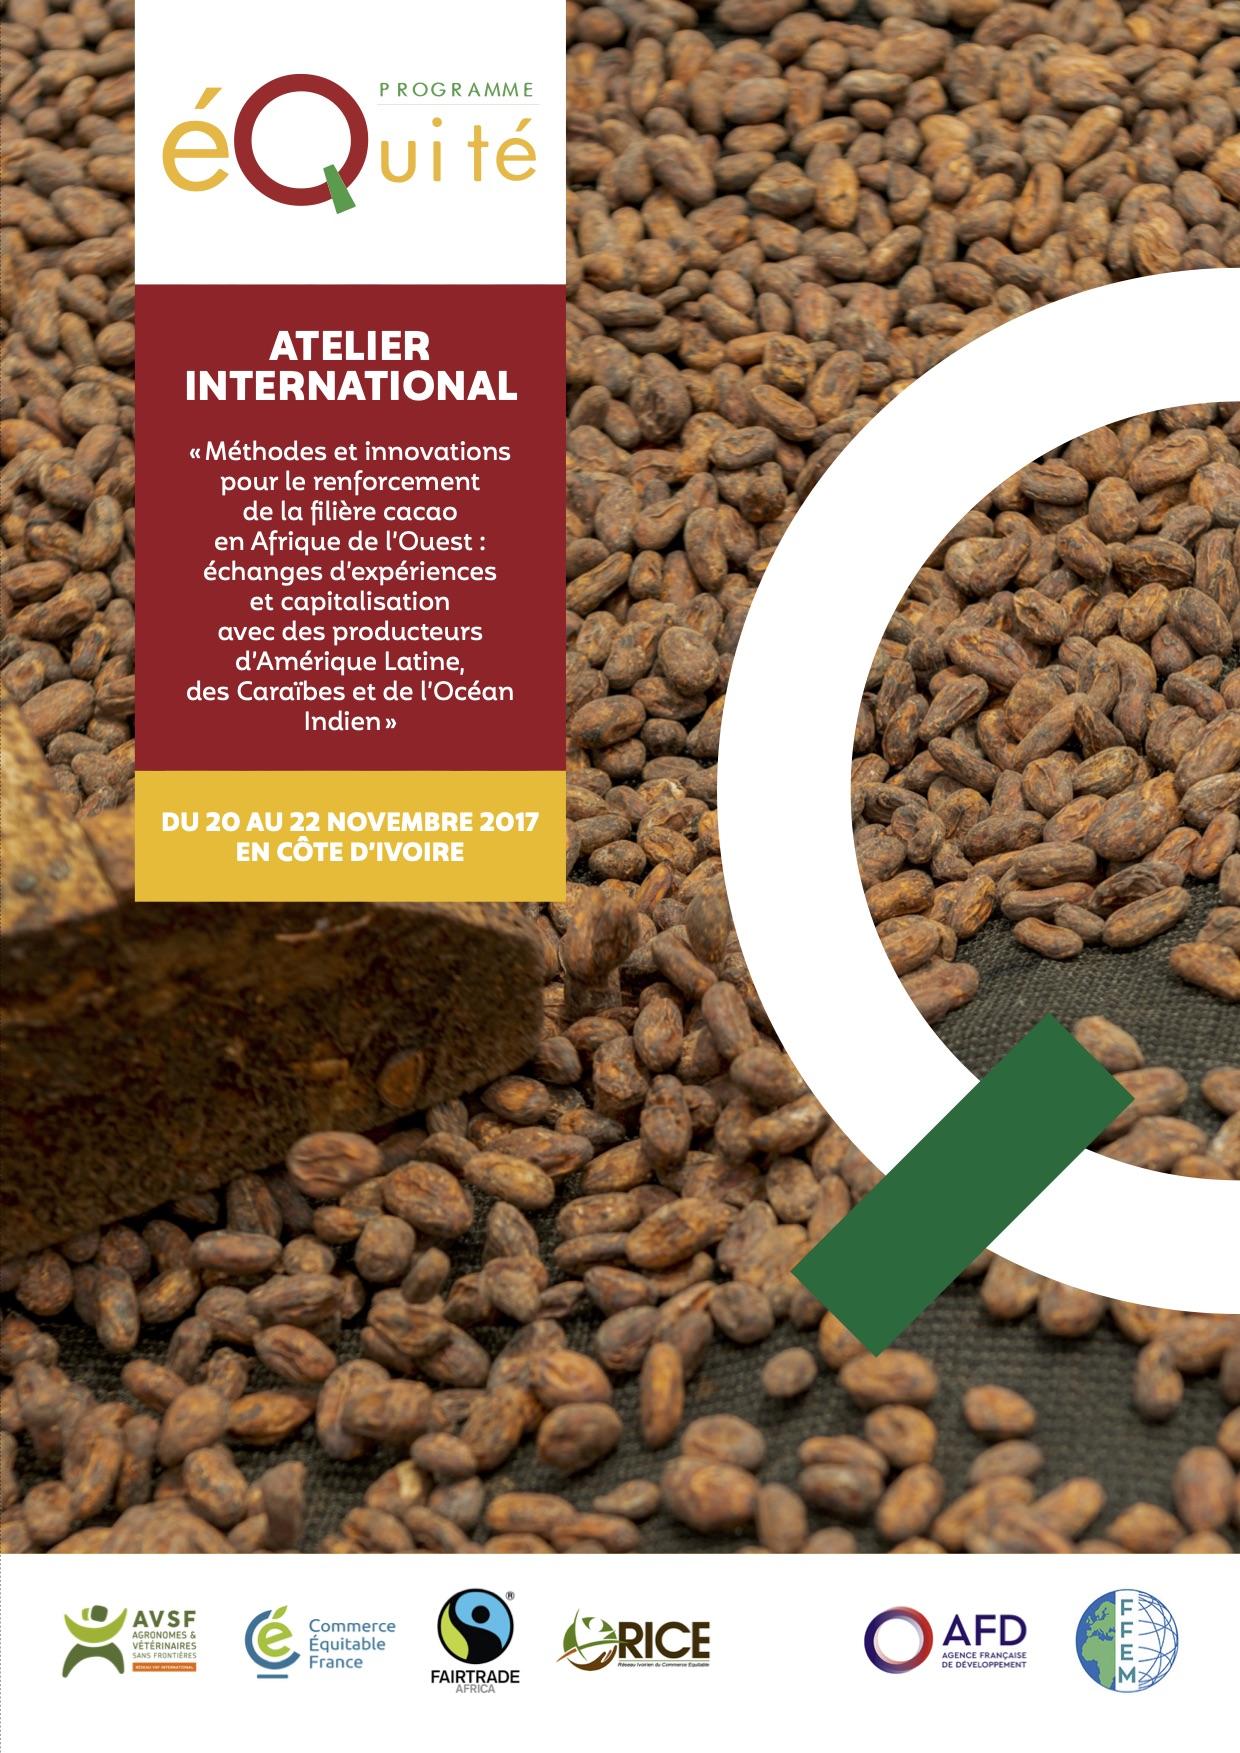 Méthodes et innovations pour le renforcement de la filière cacao en Afrique de l'Ouest : échanges d'expériences et capitalisation avec des producteurs d'Amérique Latine, des Caraïbes et de l'Océan Indien Image principale